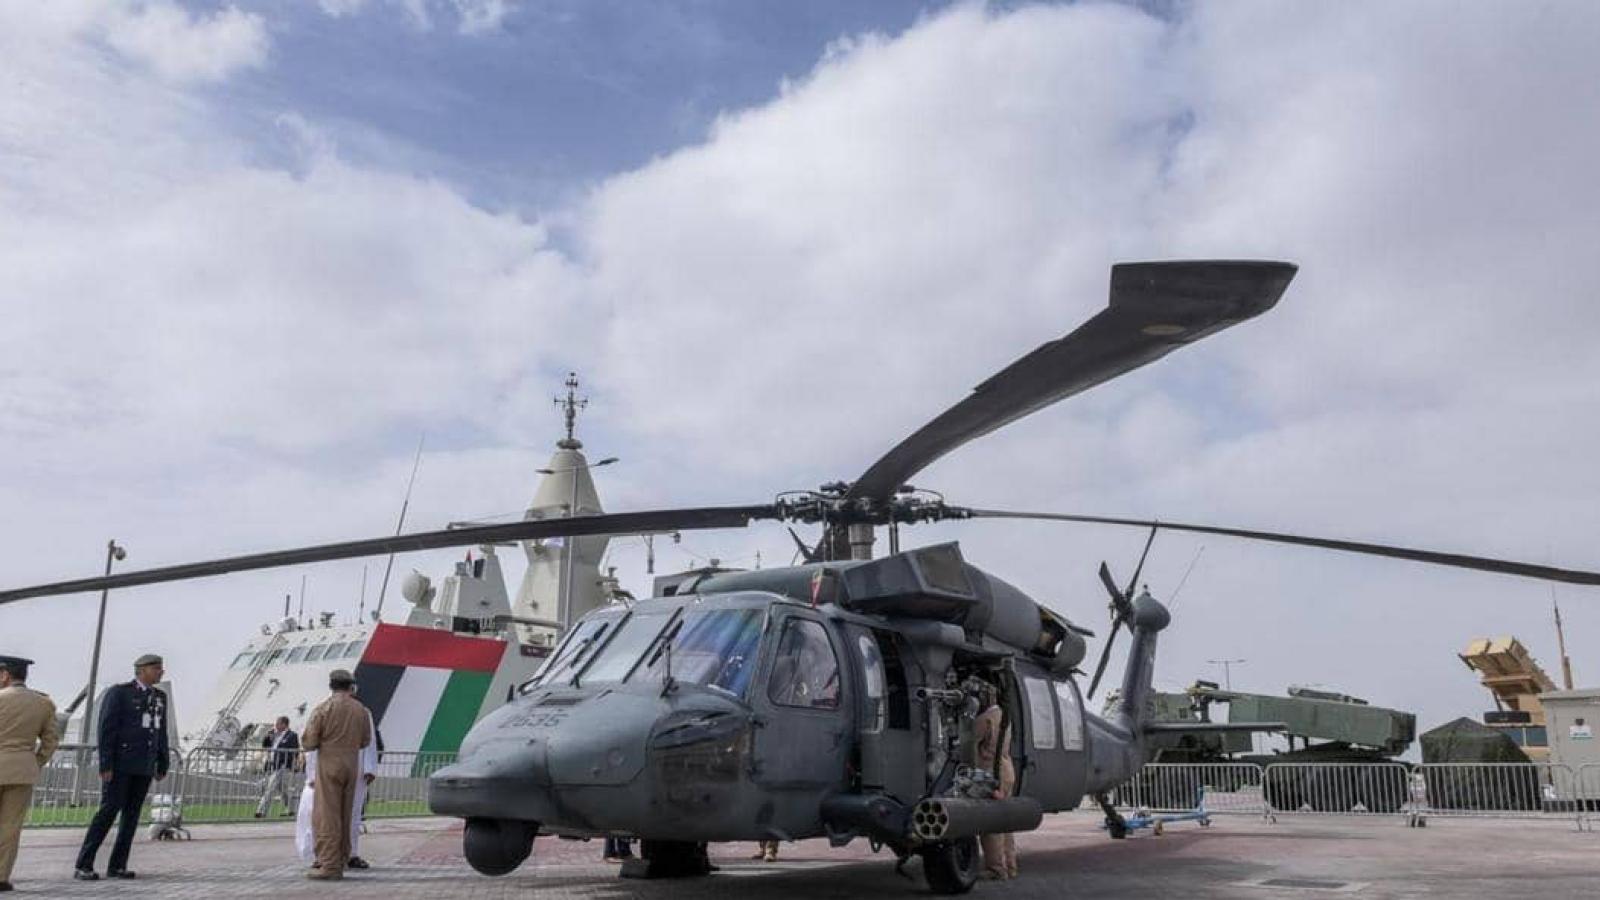 Hội nghị quốc phòng quốc tế tại UAE thu hút hơn 1.000 đại biểu quốc tế